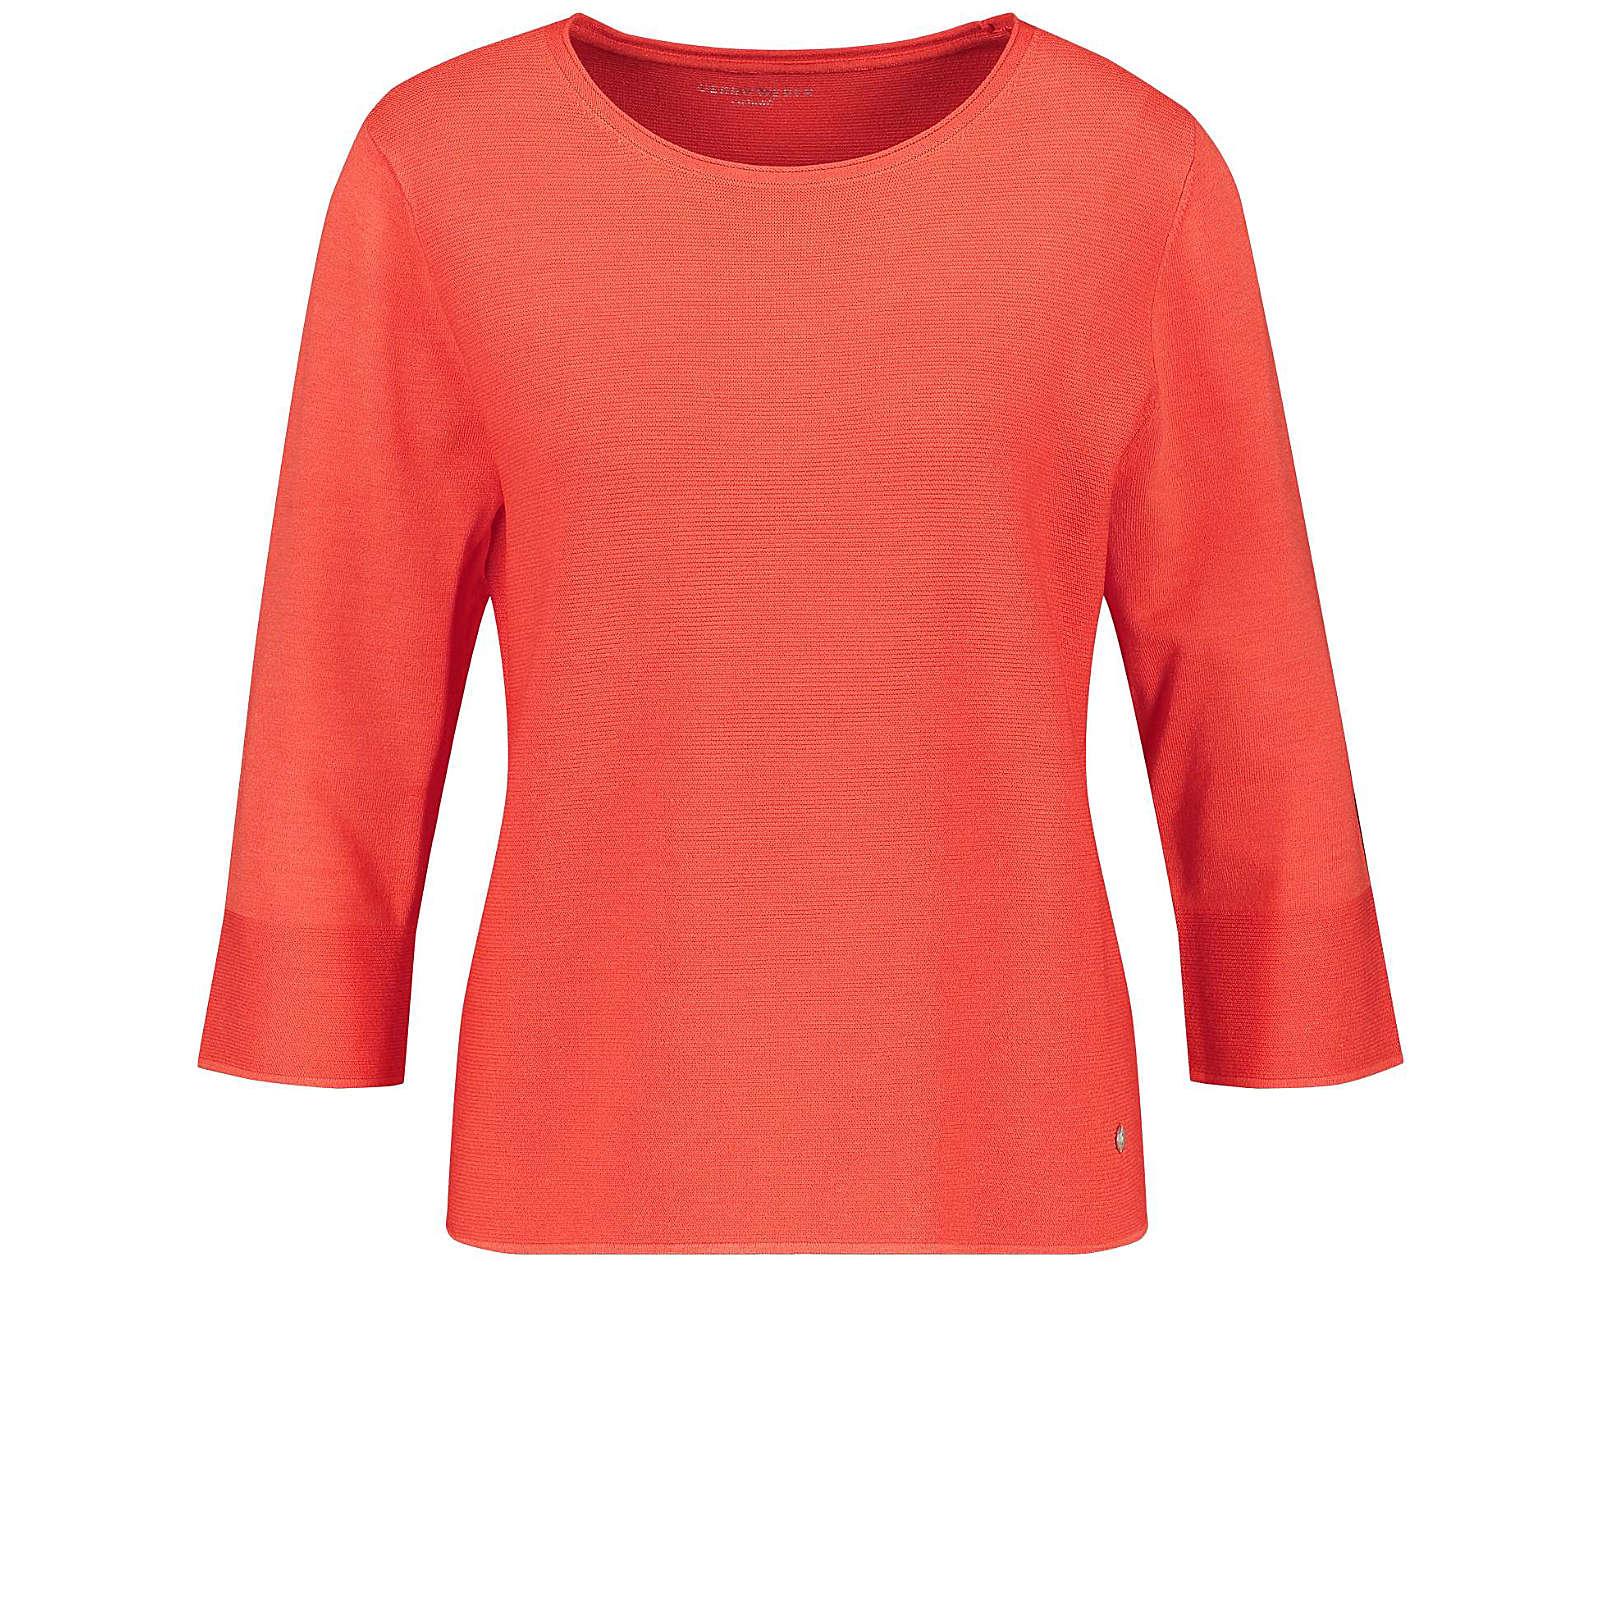 Gerry Weber Pullover 3/4 Arm Rundhals 3/4 Arm Pullover mit Strukturstrick rosa Damen Gr. 40